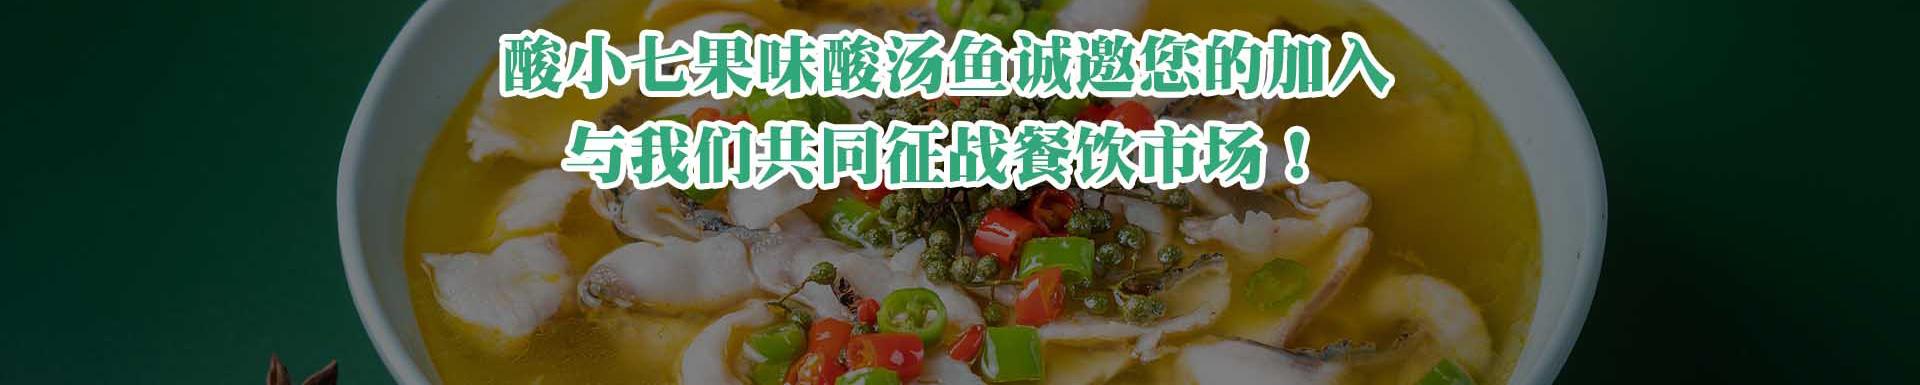 酸小七果味酸汤鱼新版详情页_26